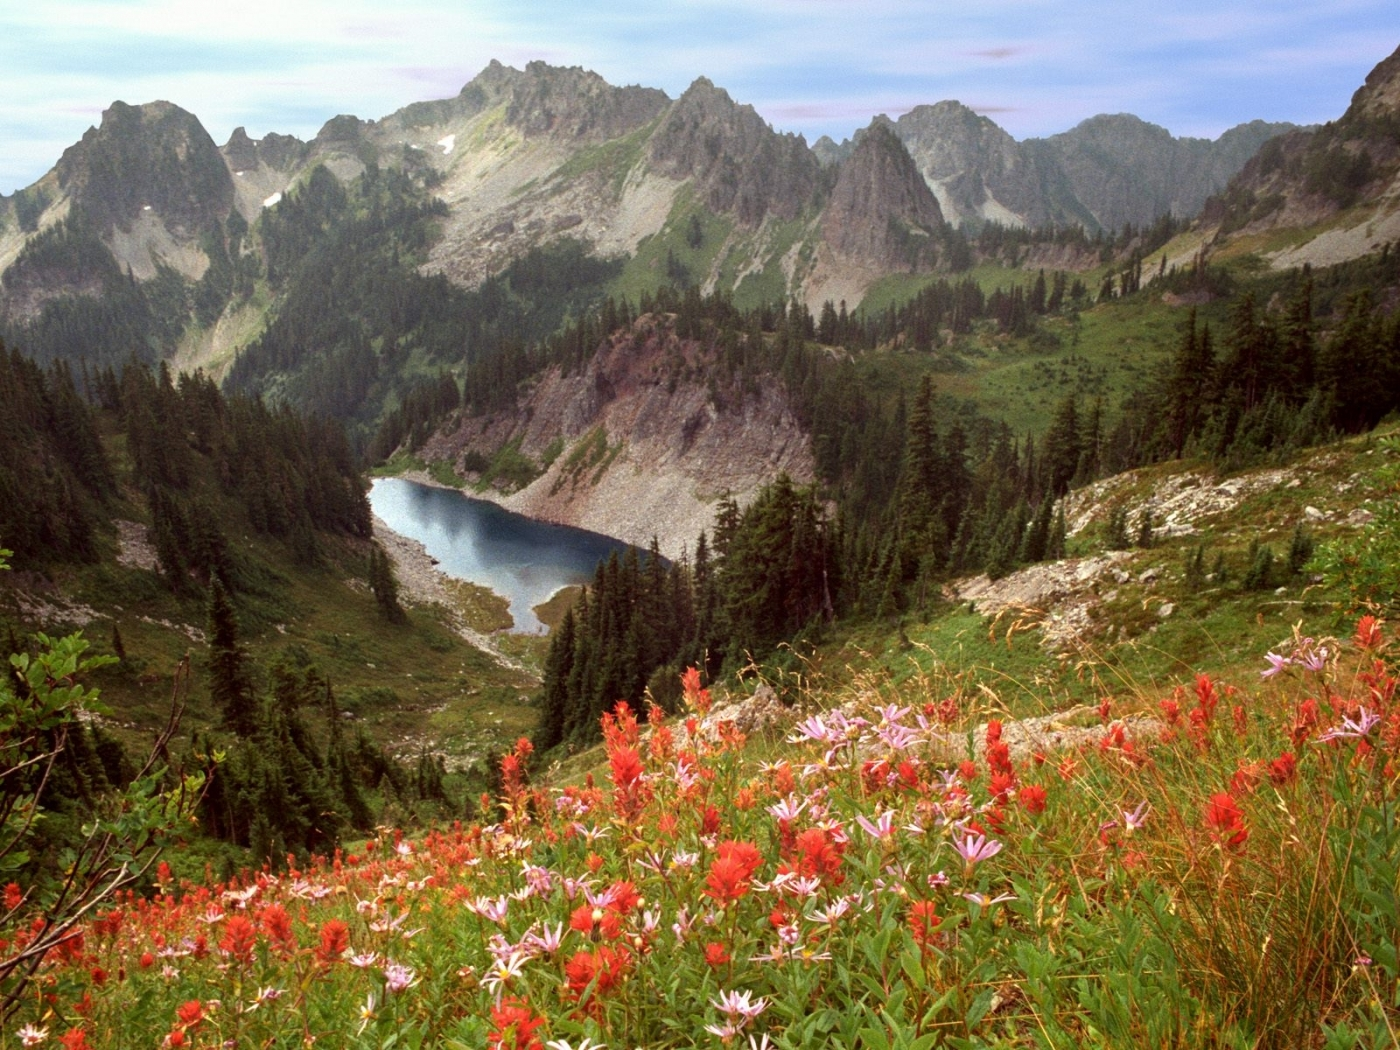 23590 descargar fondo de pantalla Paisaje, Flores, Árboles, Montañas: protectores de pantalla e imágenes gratis